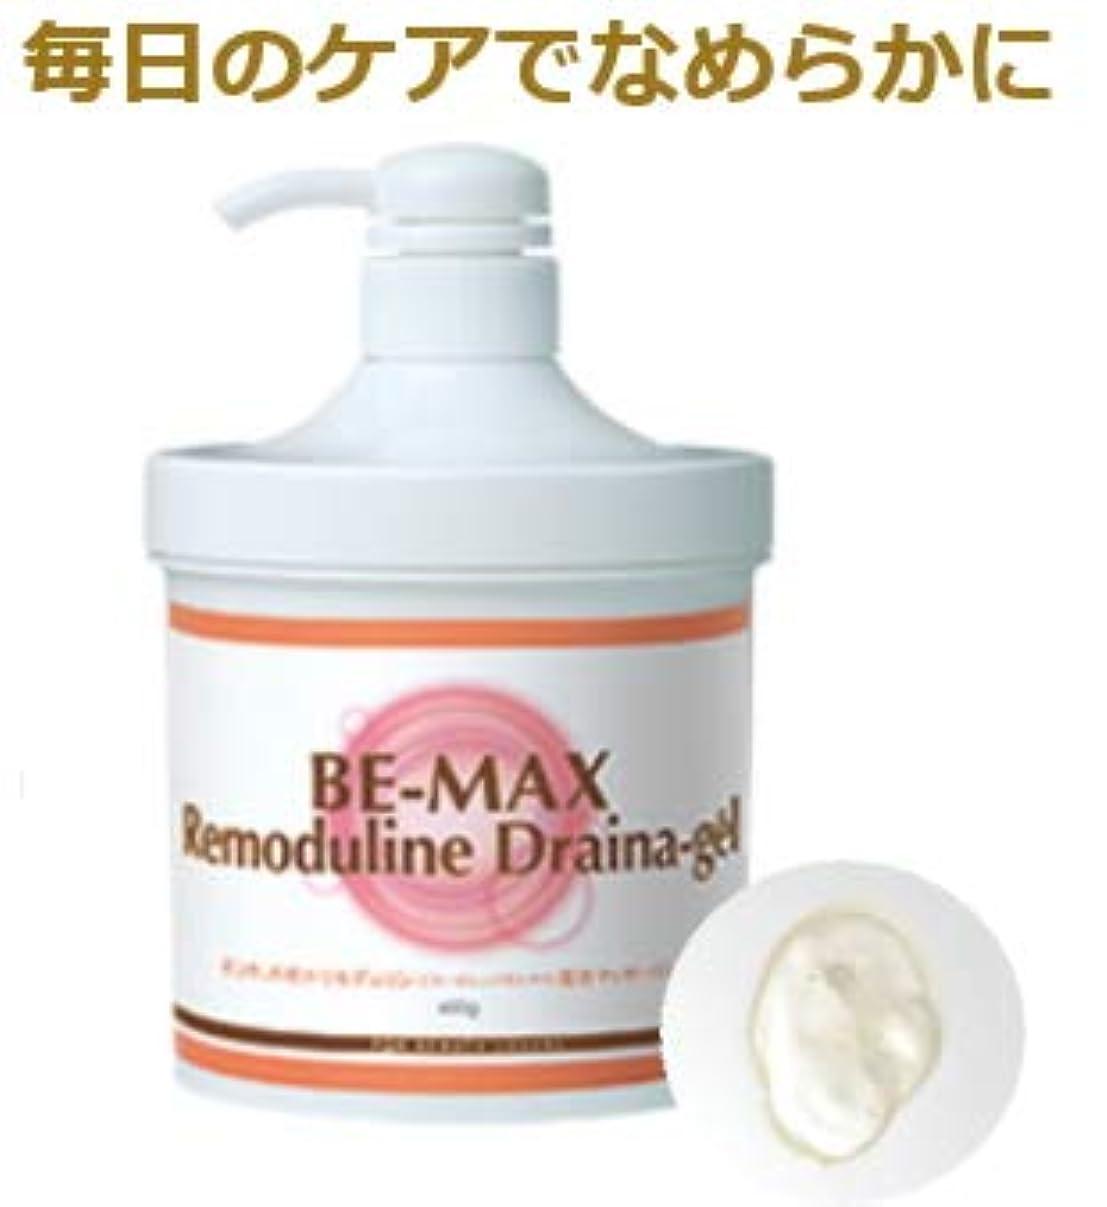 知的マルクス主義導出【正規販売店】BE-MAX Remoduline Draina-gel(リモデュリン ドレナージェル)600g